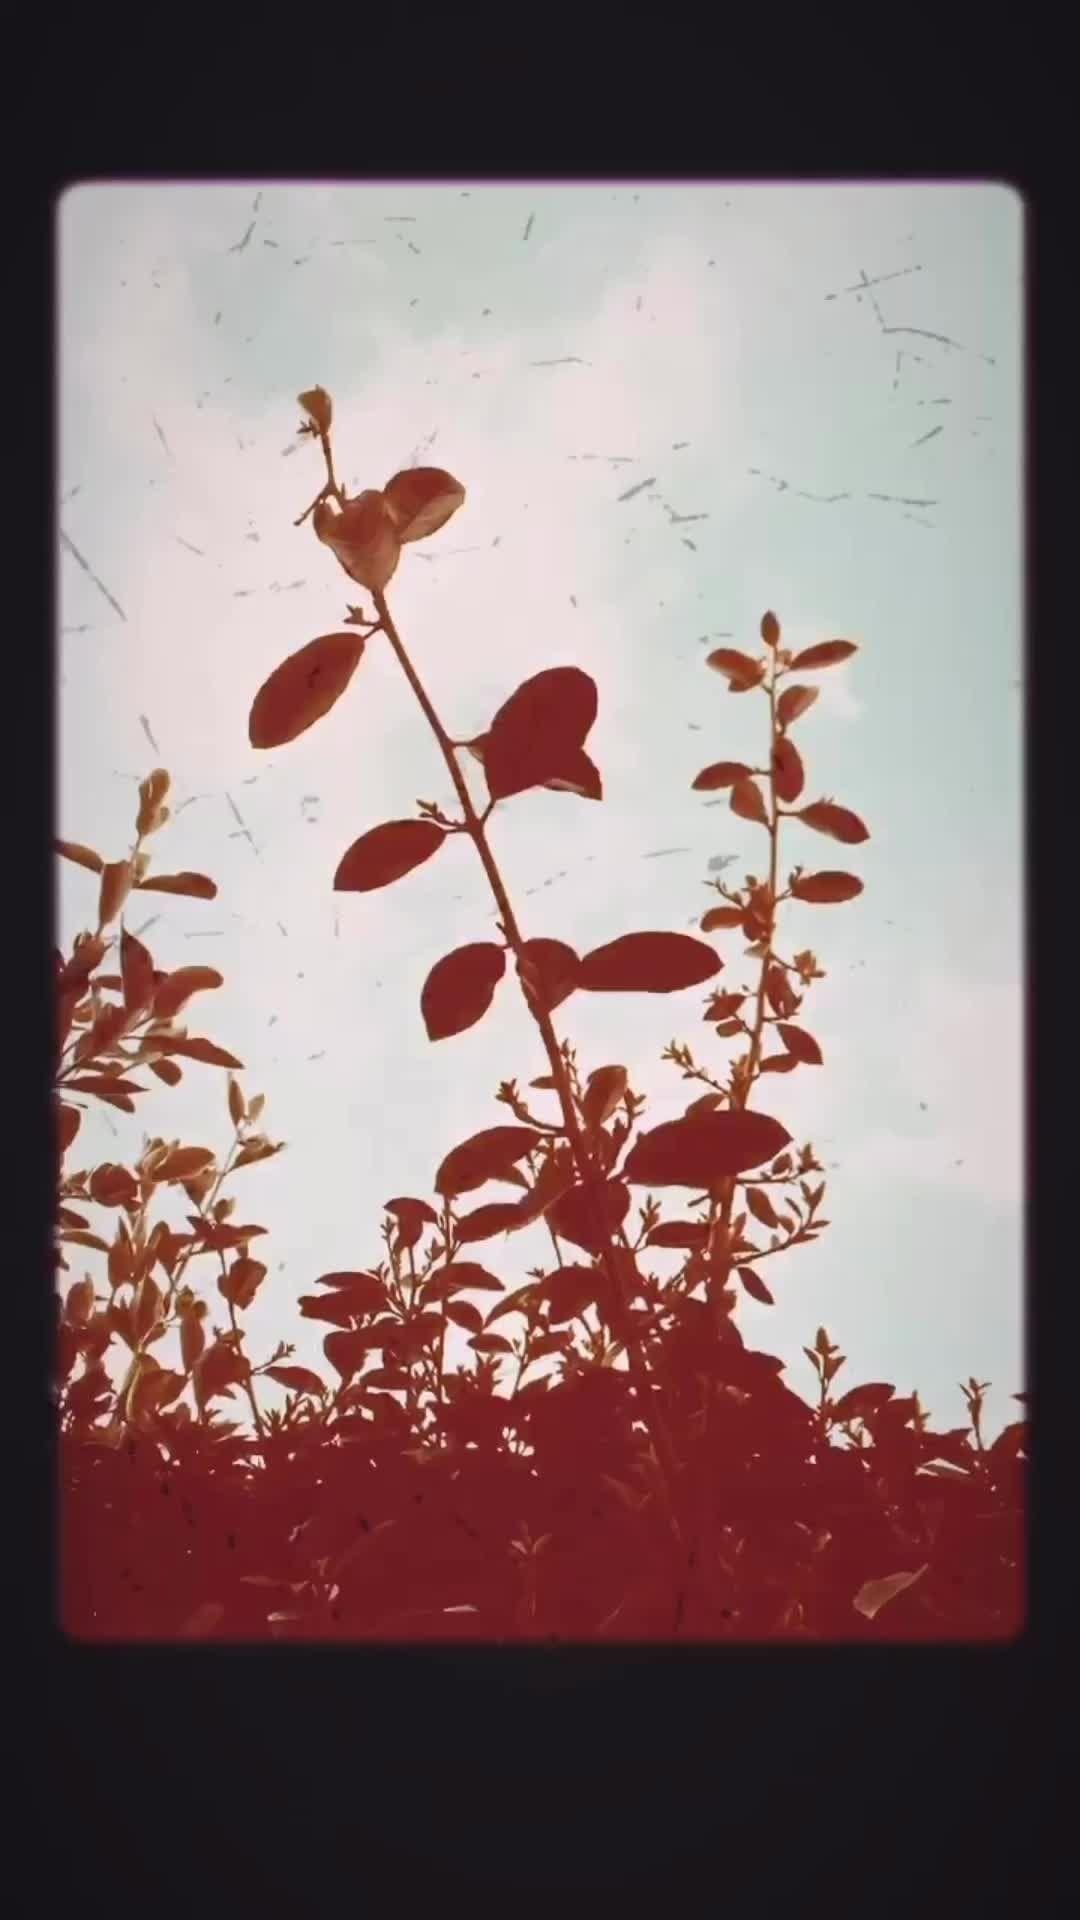 basilidebaptiste Instagram filter Stereoscopic